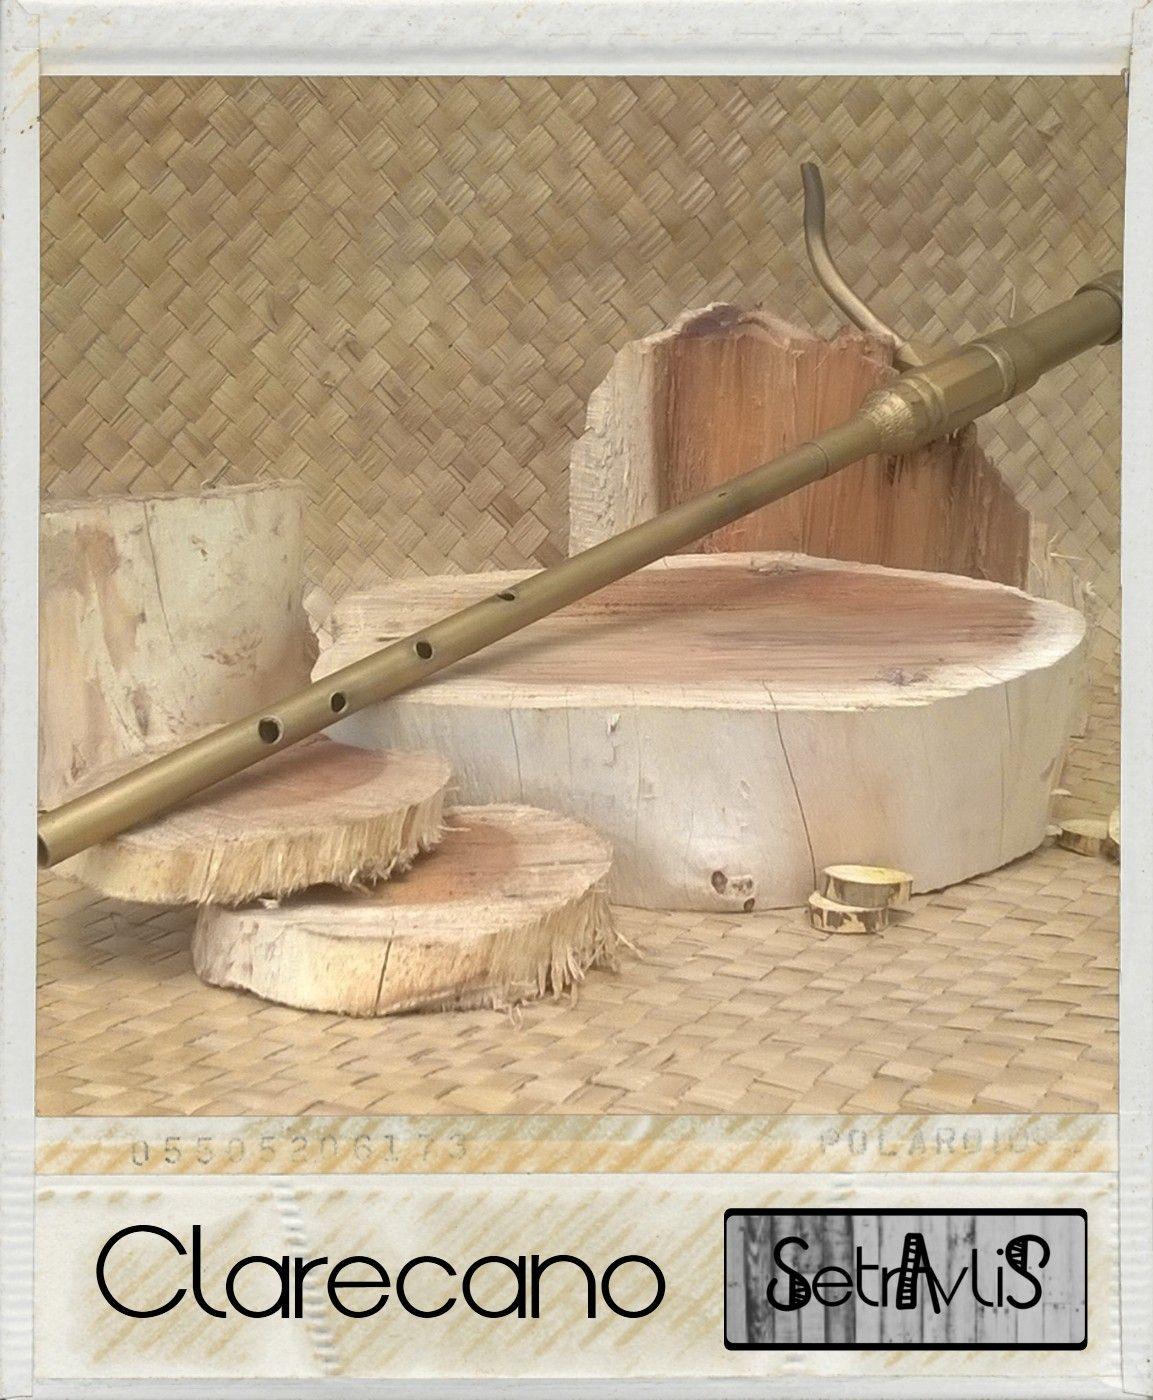 Clarecano